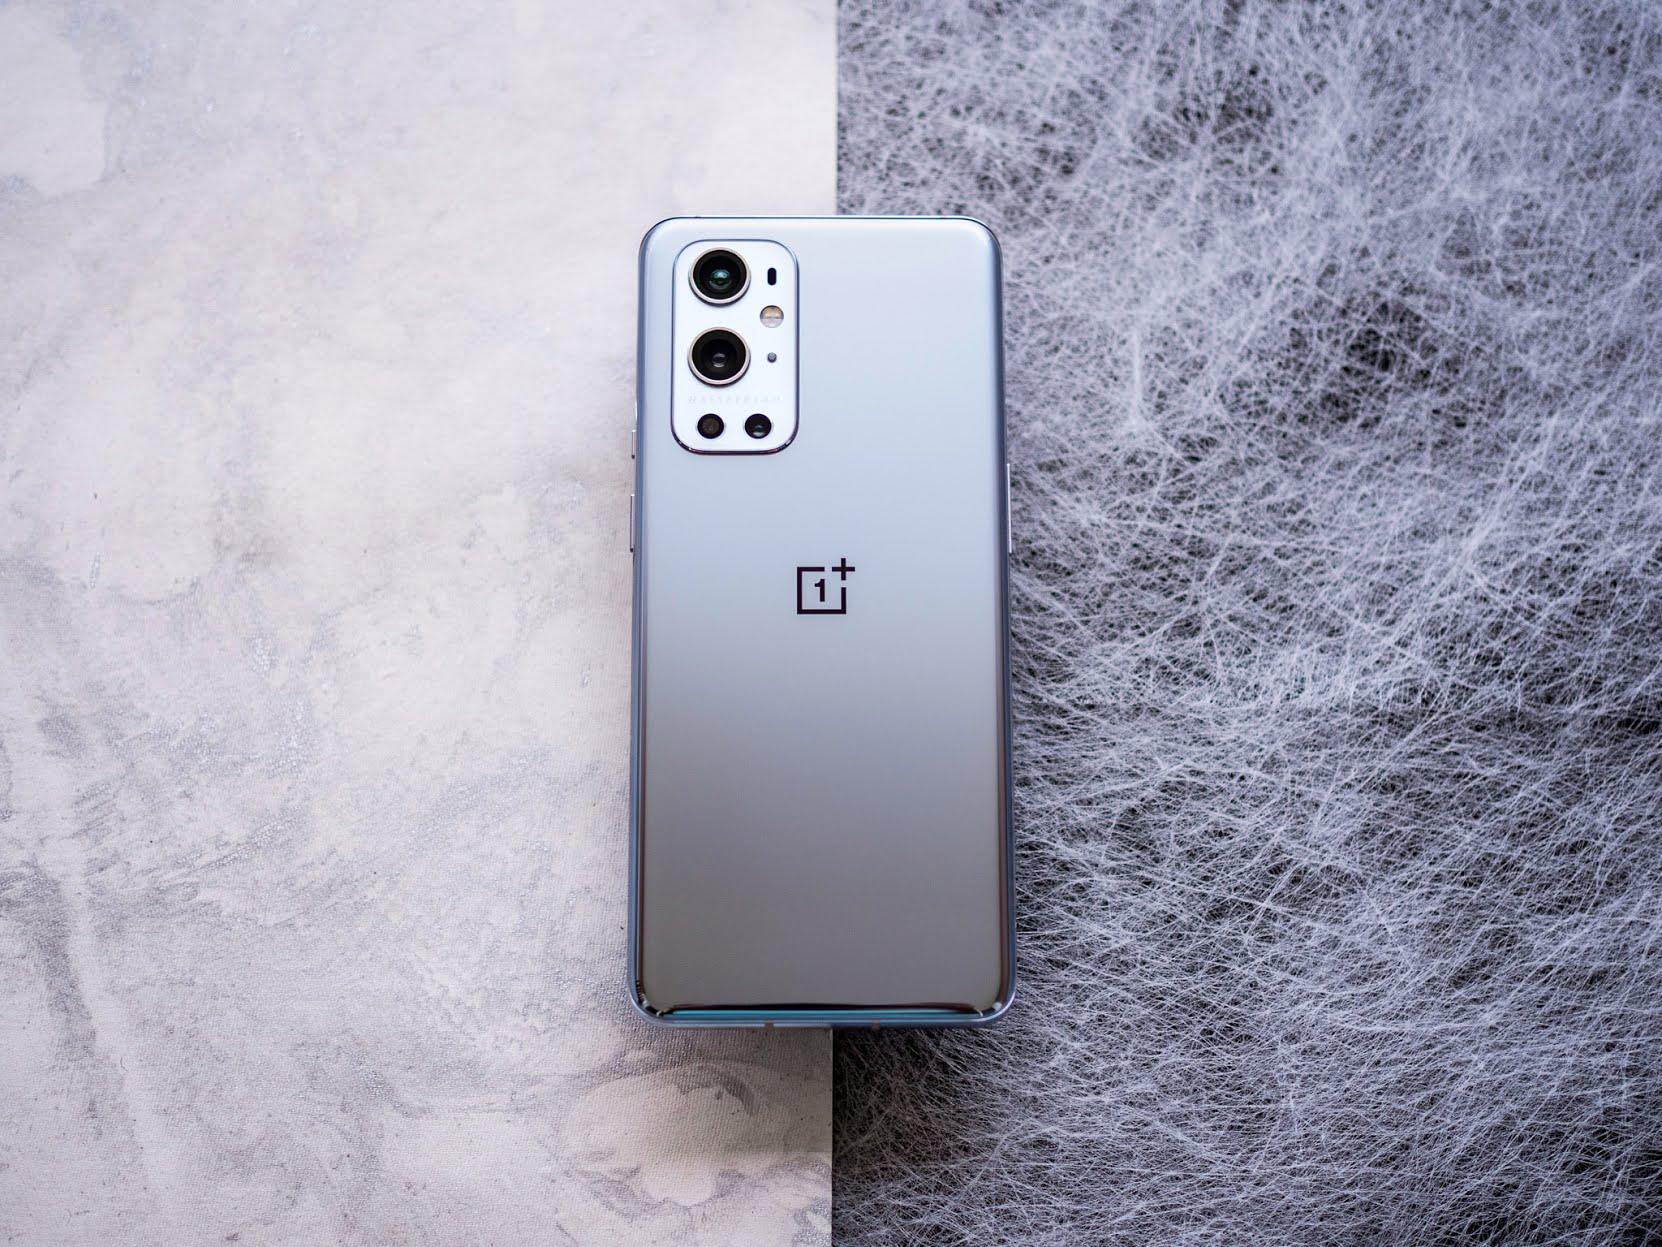 Sforum - Trang thông tin công nghệ mới nhất oneplus-9-pro-2 Cận cảnh OnePlus 9 Pro: Thiết kế vẫn đậm chất OnePlus, camera Hasselblad, hiệu năng top 1 phân khúc, giá 1069 USD